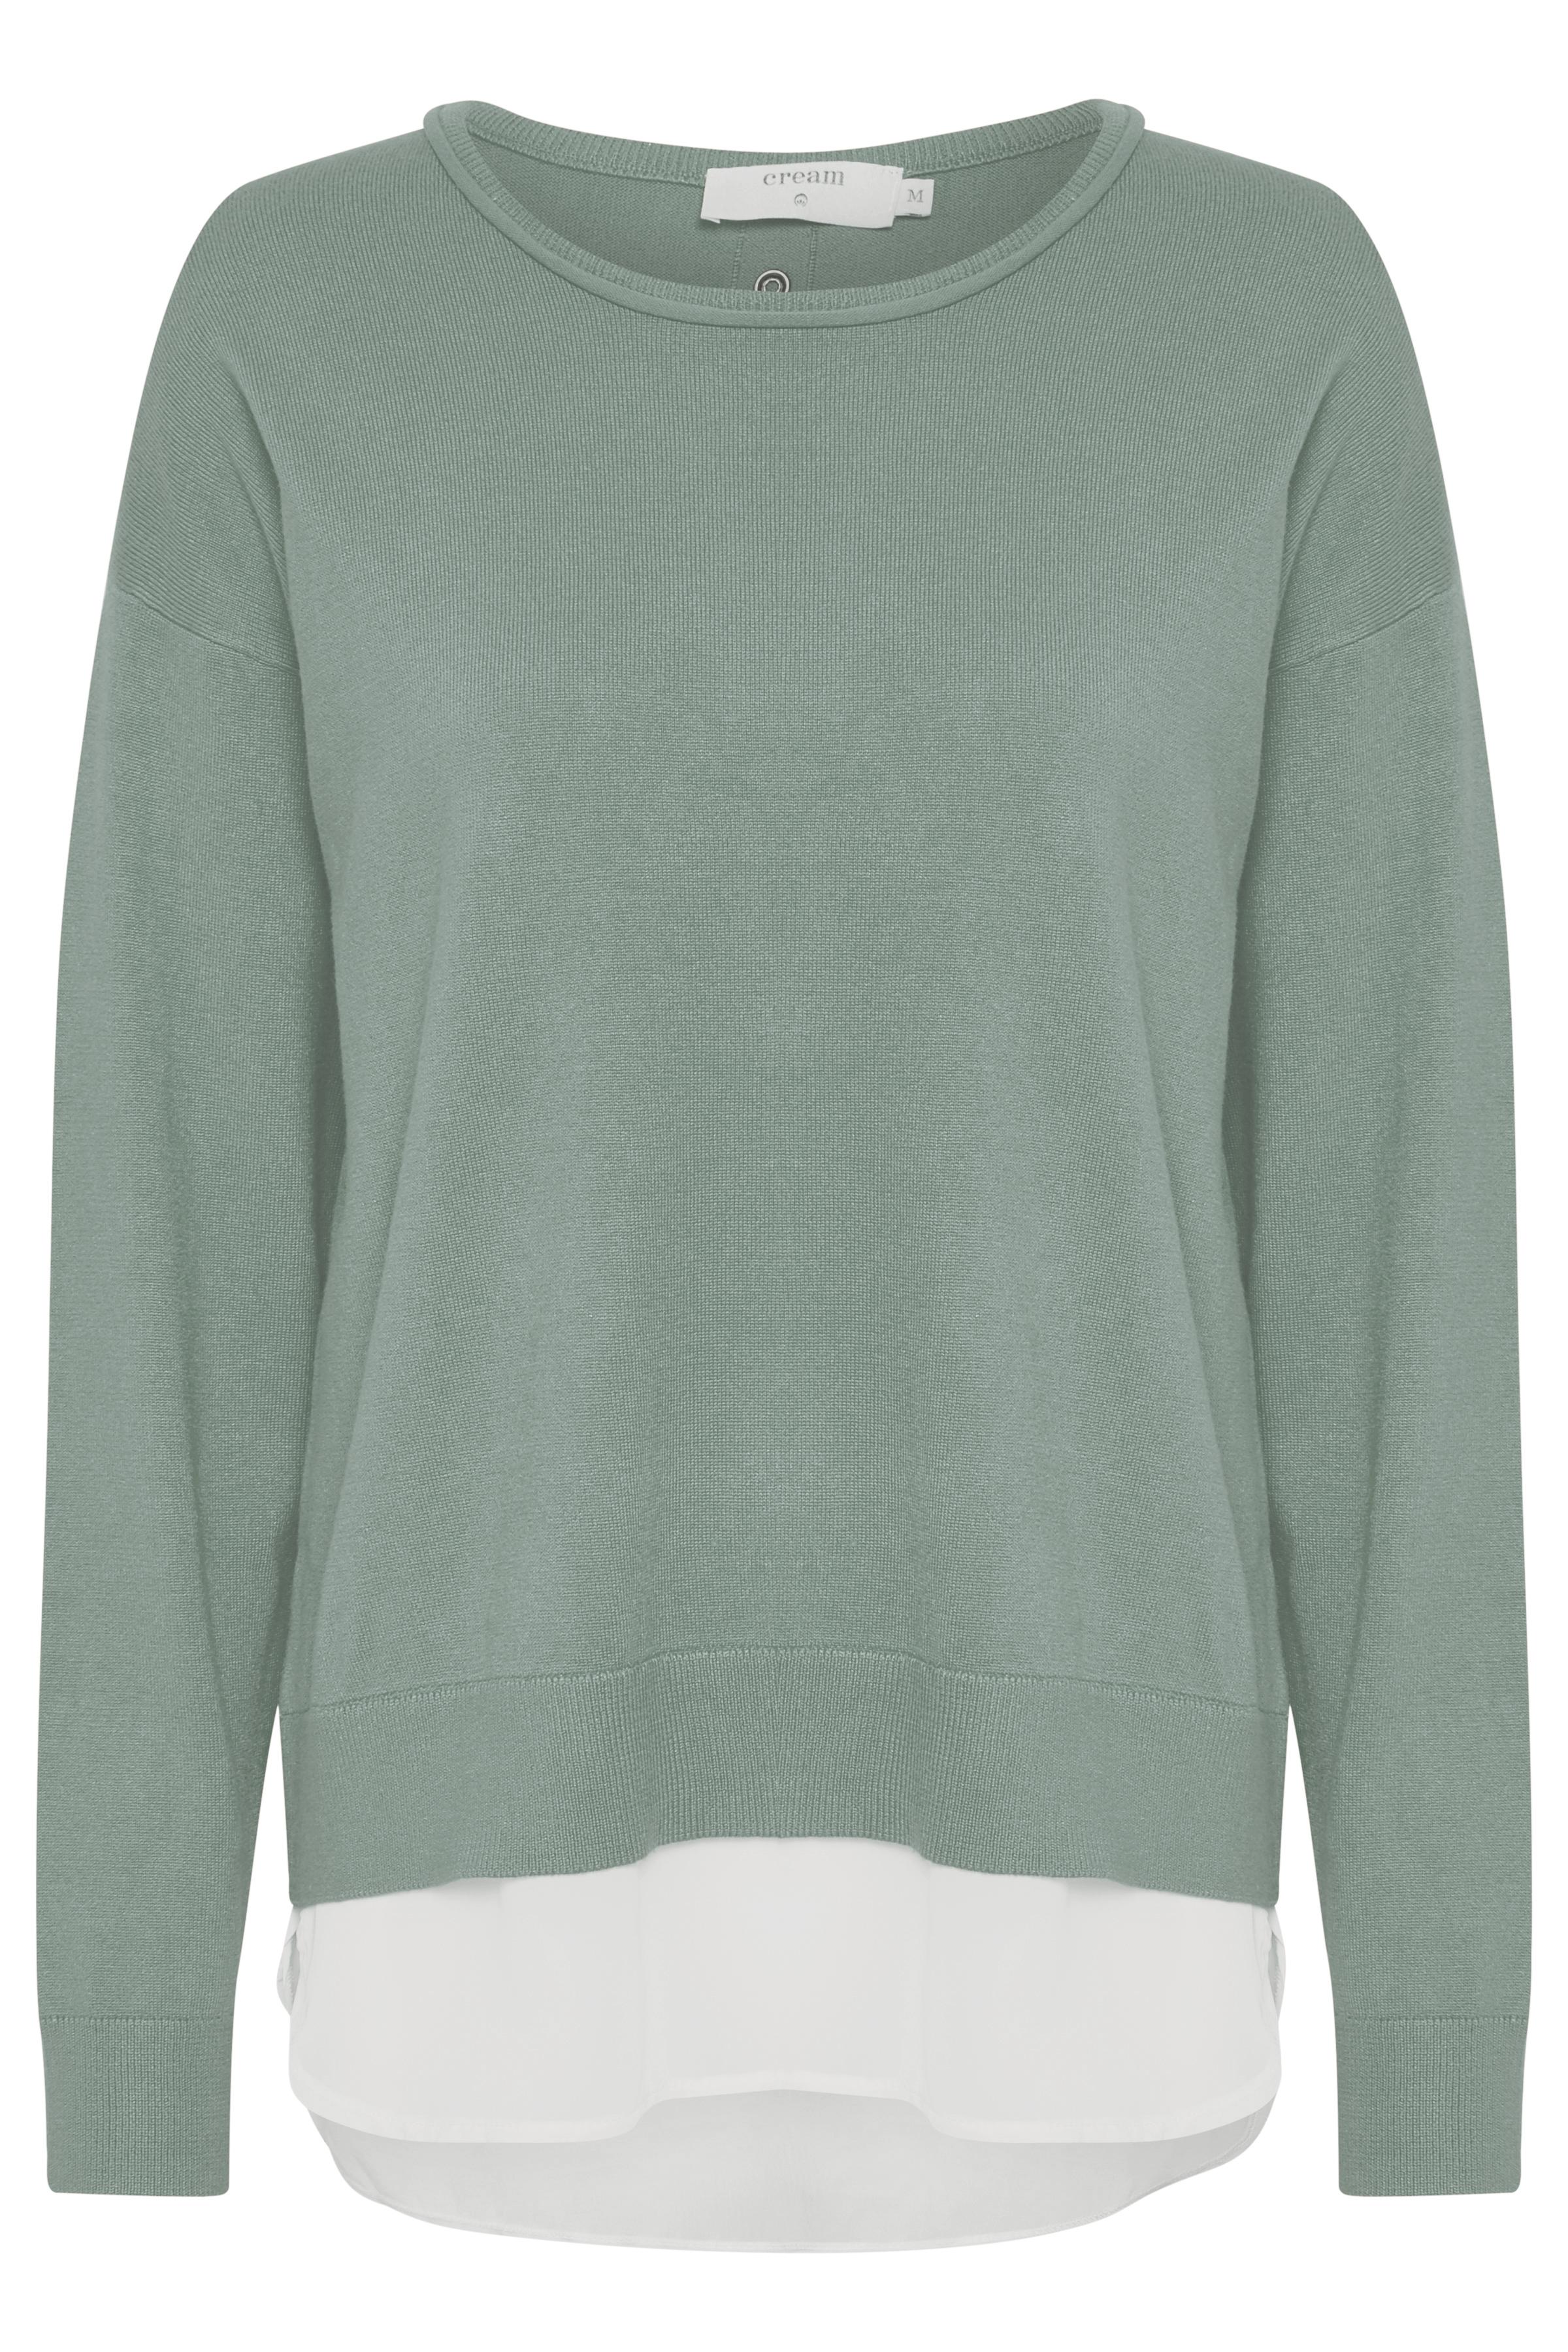 Dimgrön Stickad pullover från Cream – Köp Dimgrön Stickad pullover från stl. XS-XXL här